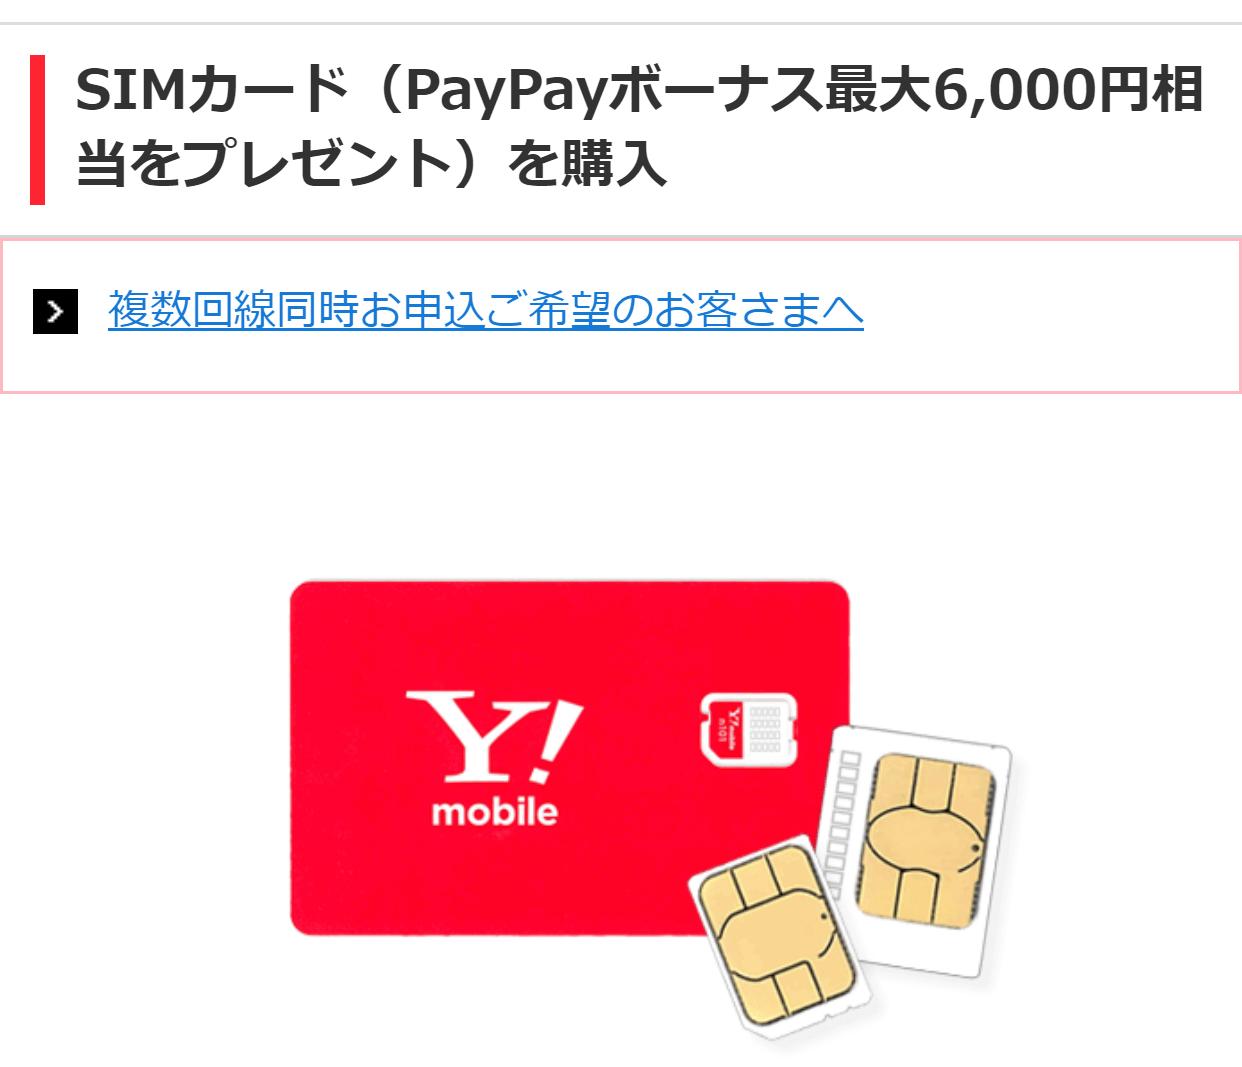 SIMカードPayPayキャンペーン